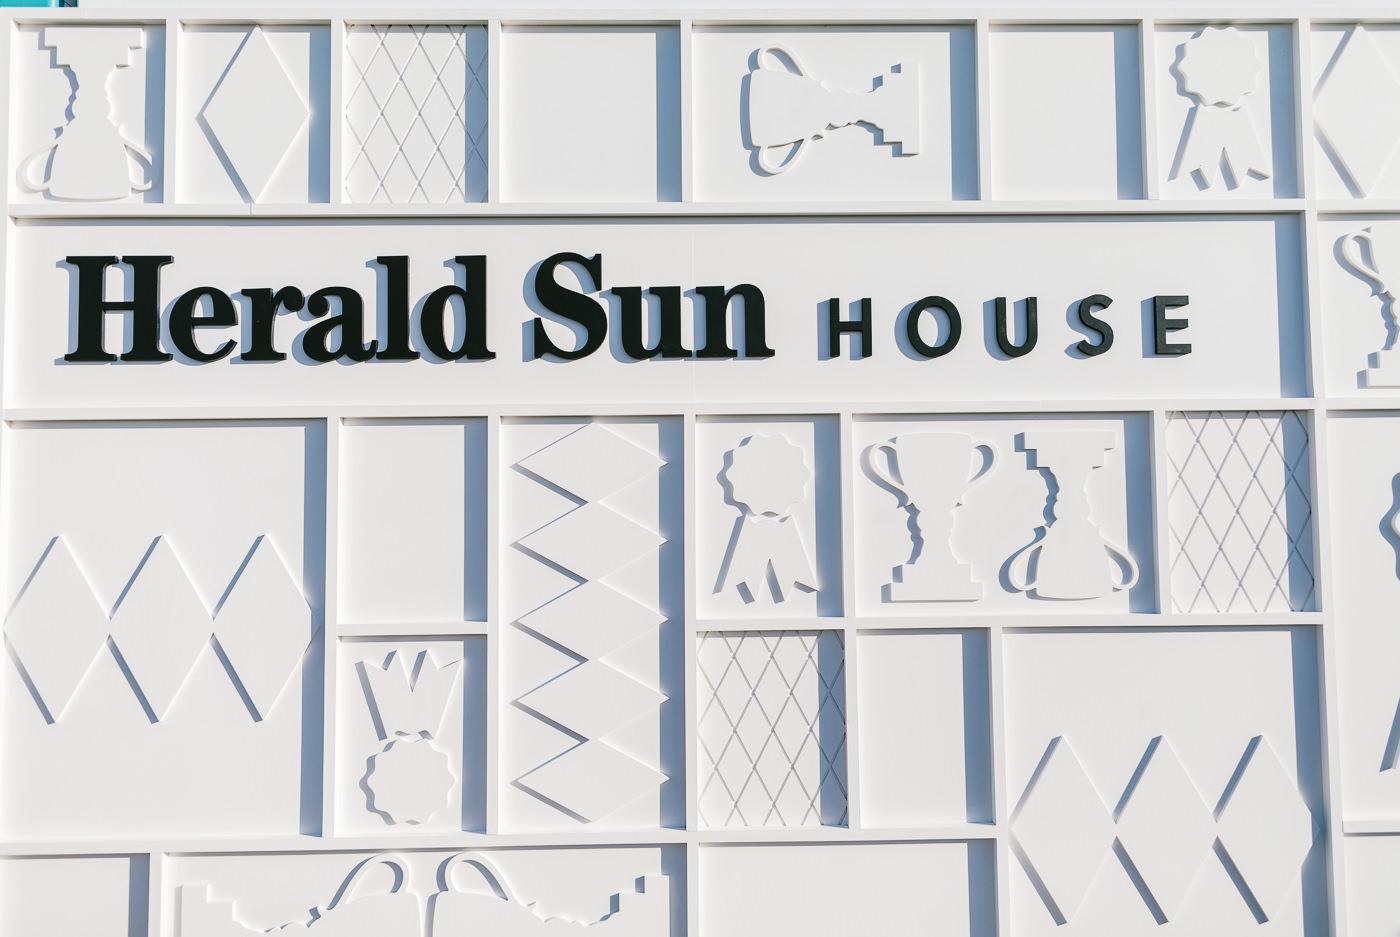 herald sun house facade